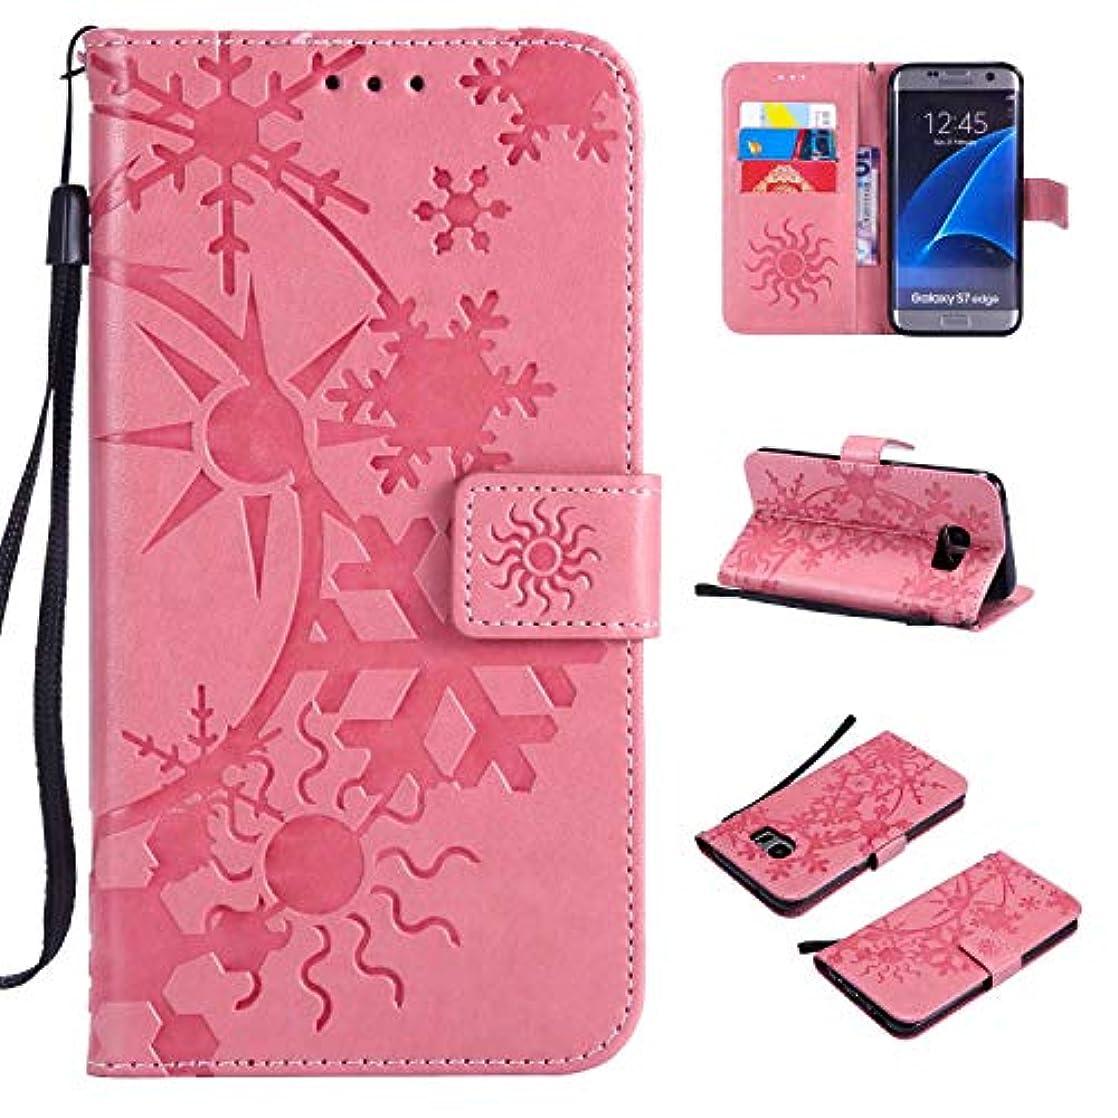 透けるロデオ条約Galaxy S7 Edge ケース CUSKING 手帳型 ケース ストラップ付き かわいい 財布 カバー カードポケット付き Samsung ギャラクシー S7 Edge マジックアレイ ケース - ピンク